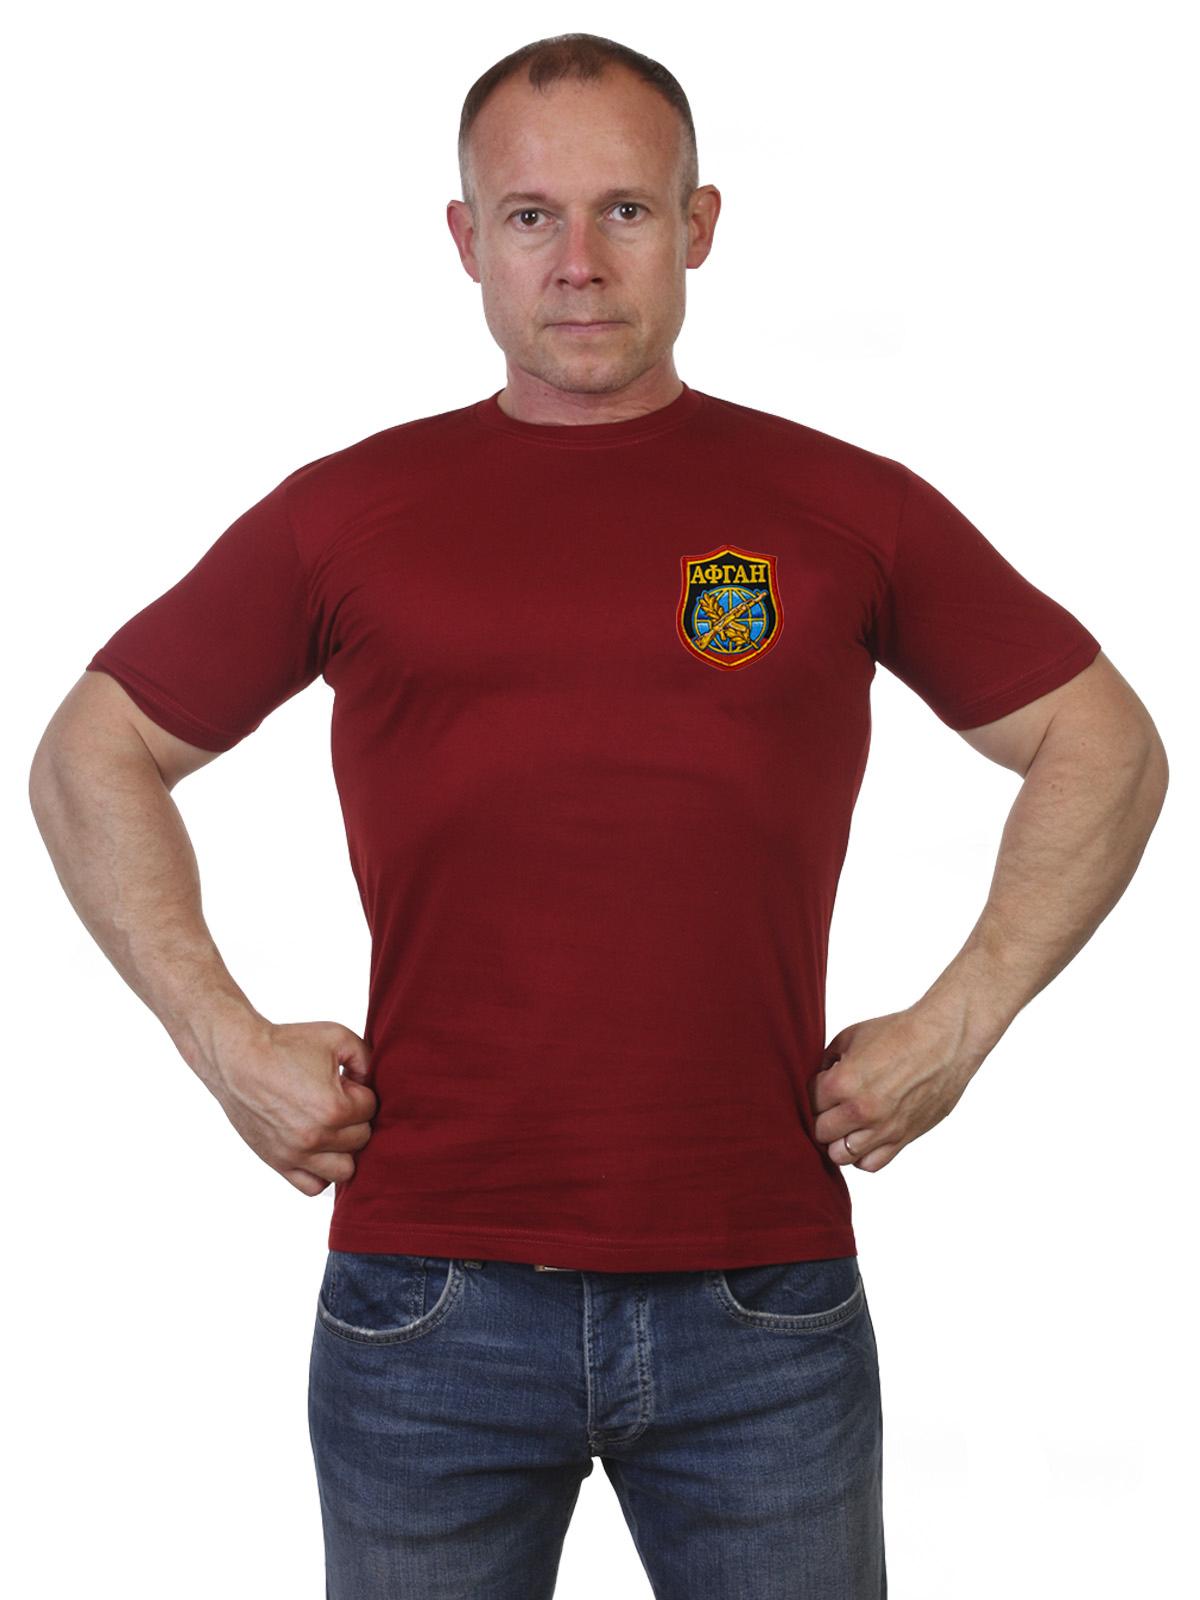 Заказать мужскую футболку с шевроном Афганистан